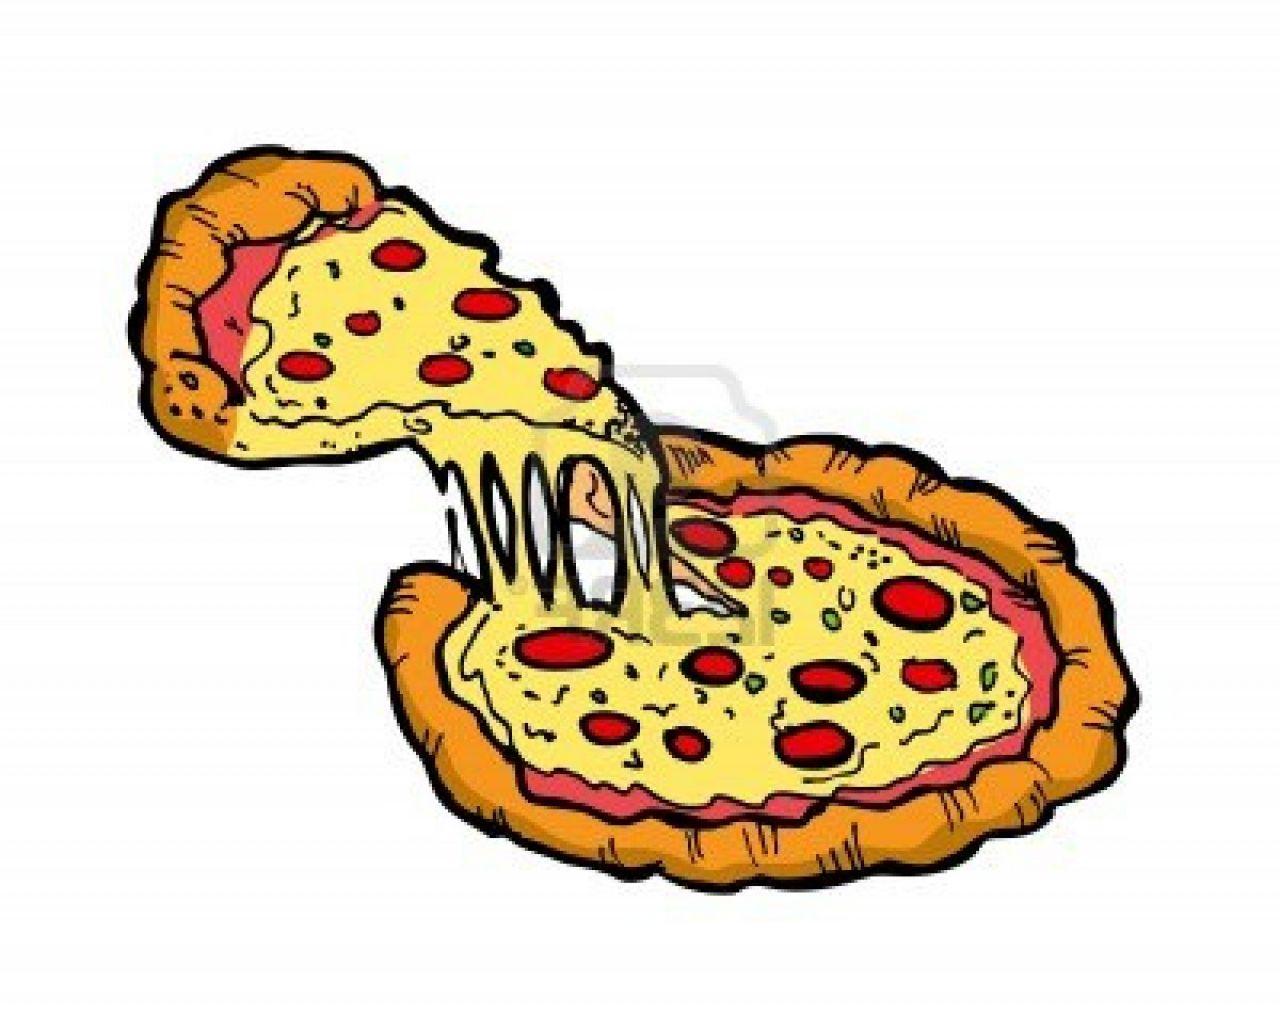 1280x1014 Pizza!! Pizza!! Pizza!! Holy Trinity Catholic Church